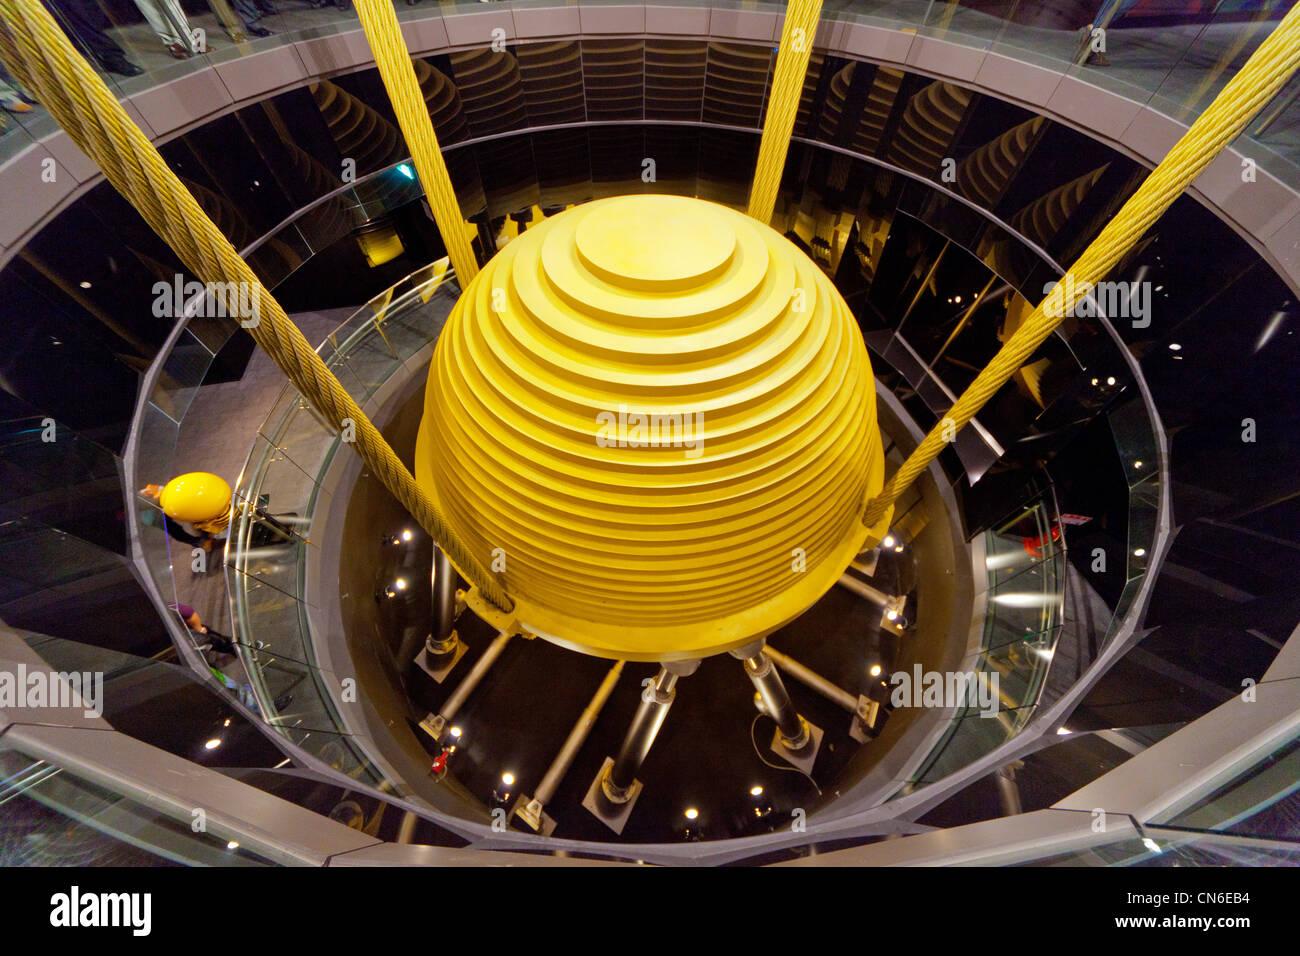 Masse Dämpfer Pendel 660 Tonnen auf Taipei 101 Wolkenkratzer Taipei Taiwan abgestimmt. JMH5731 Stockbild